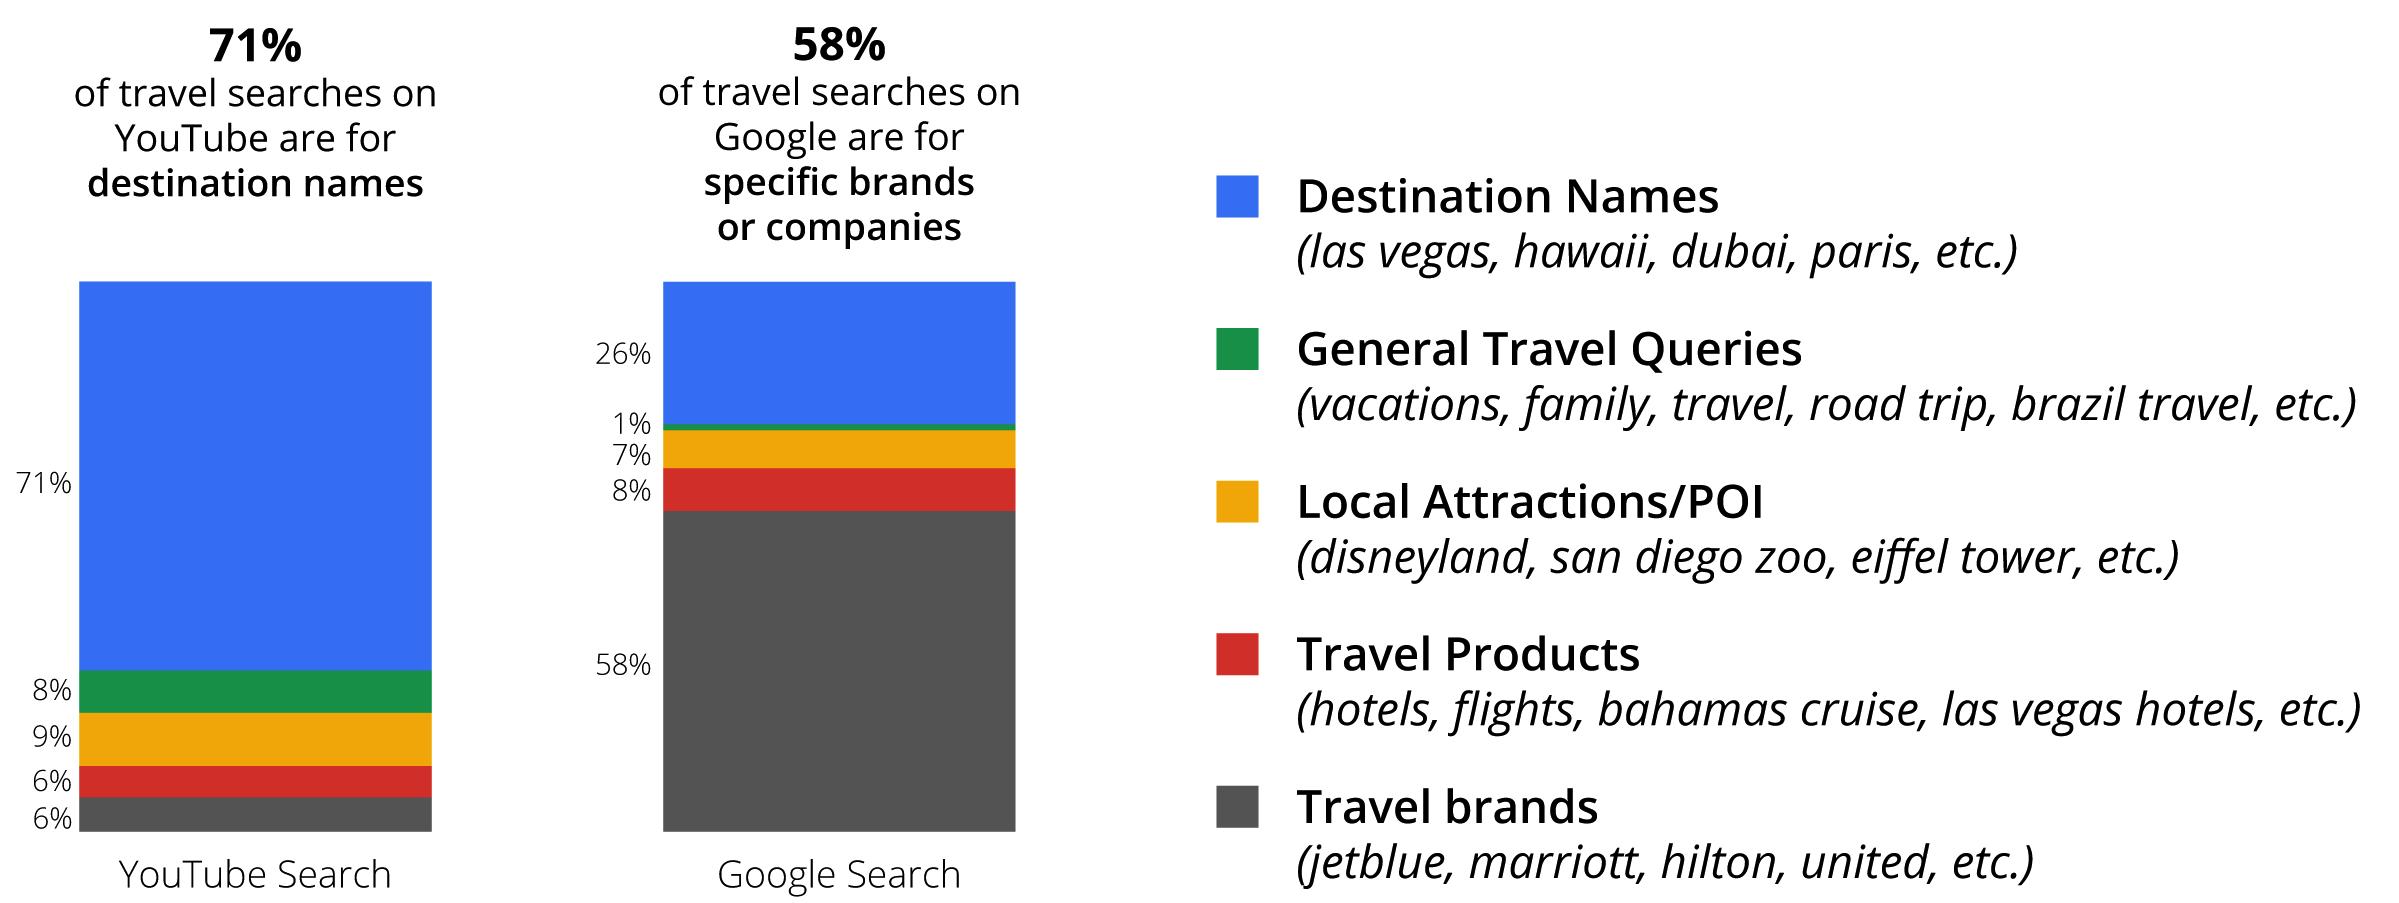 Οι 1000 πιο συχνές αναζητήσεις ταξιδιωτικού υλικού